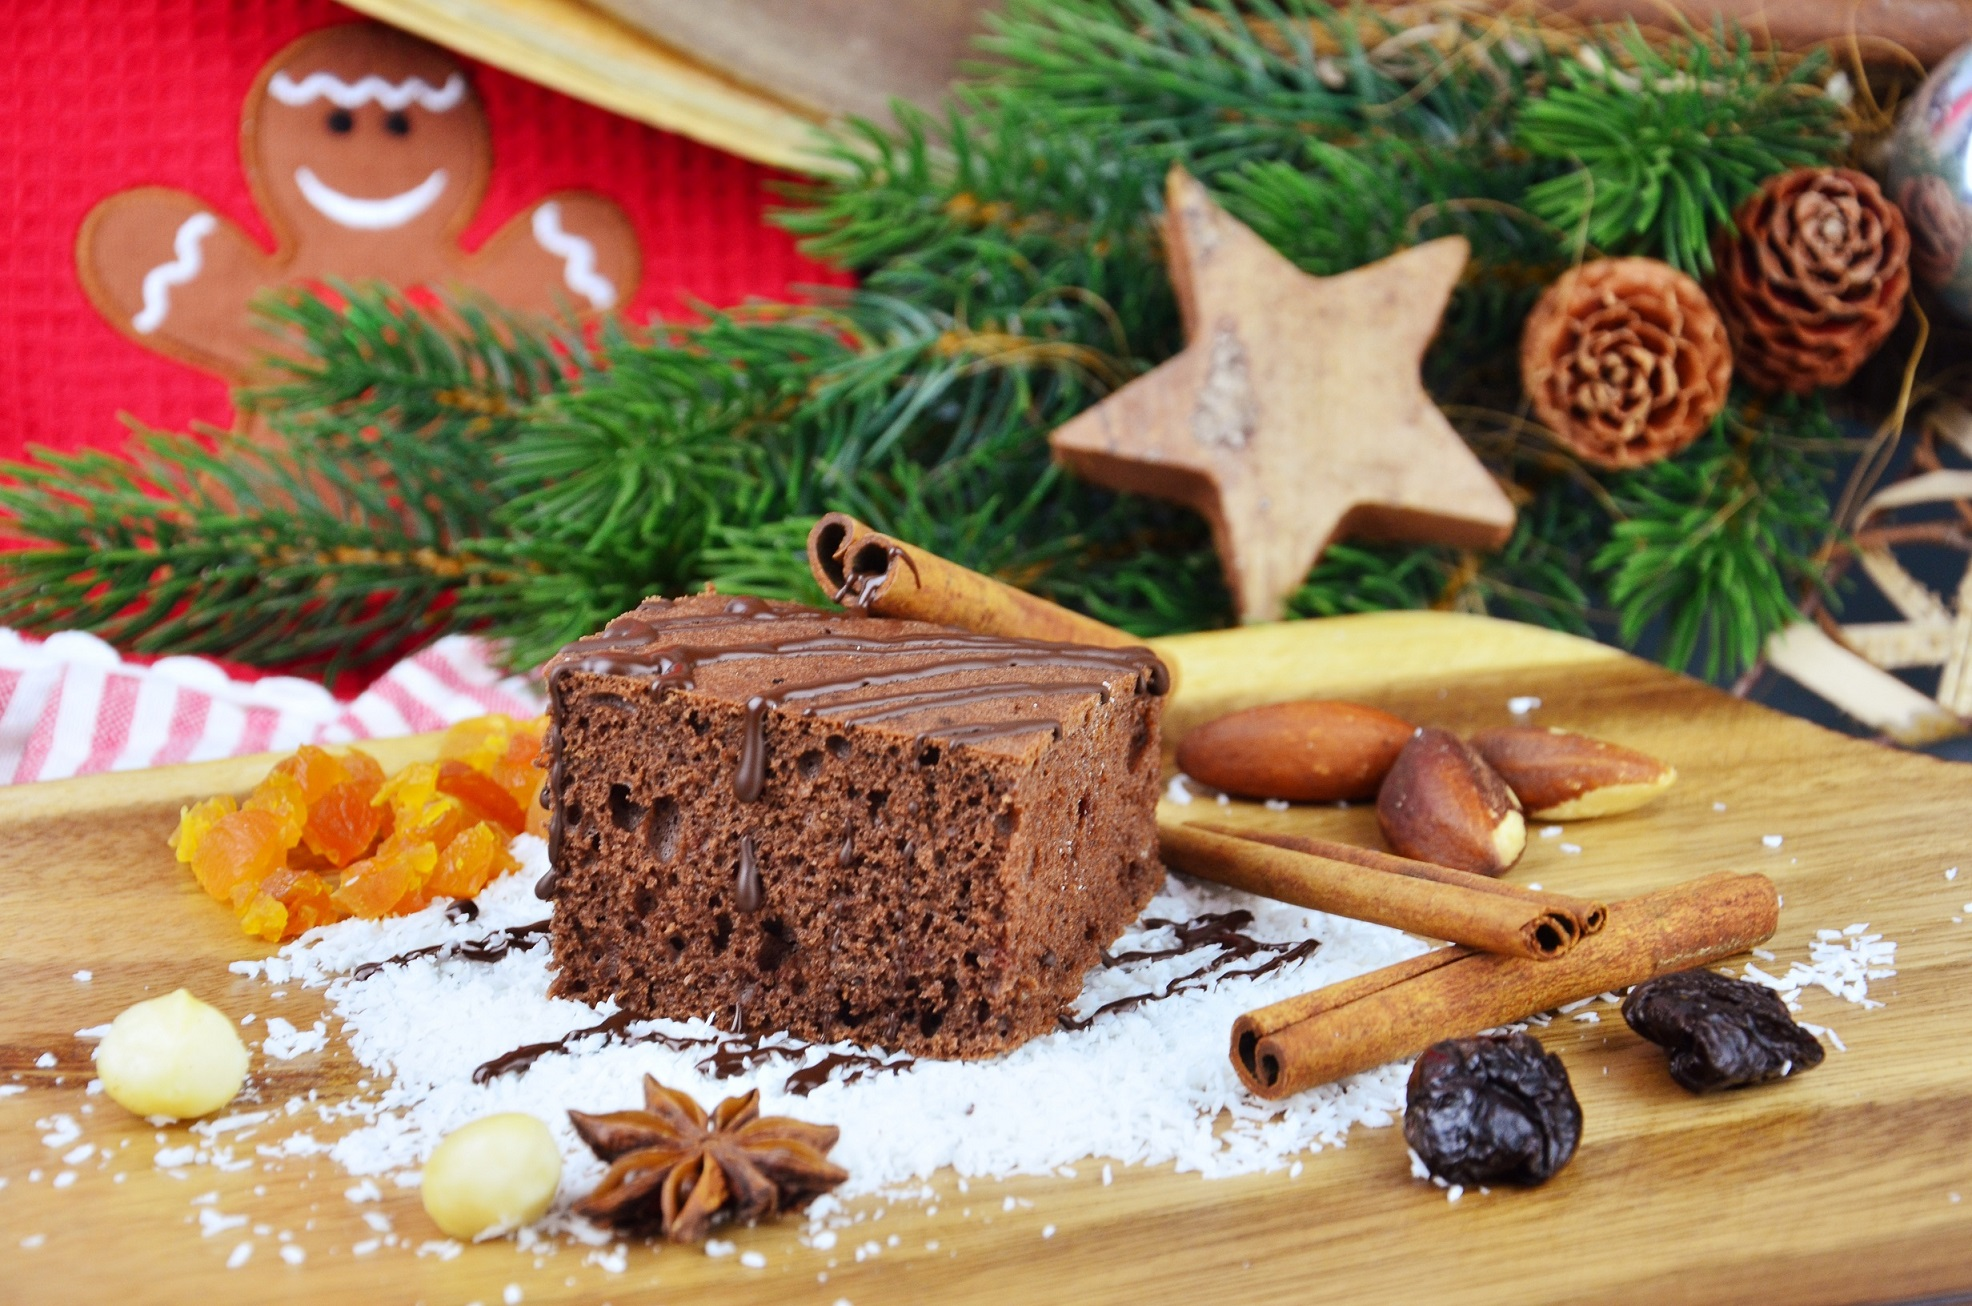 Zdrowe i smaczne dania na Boże Narodzenie